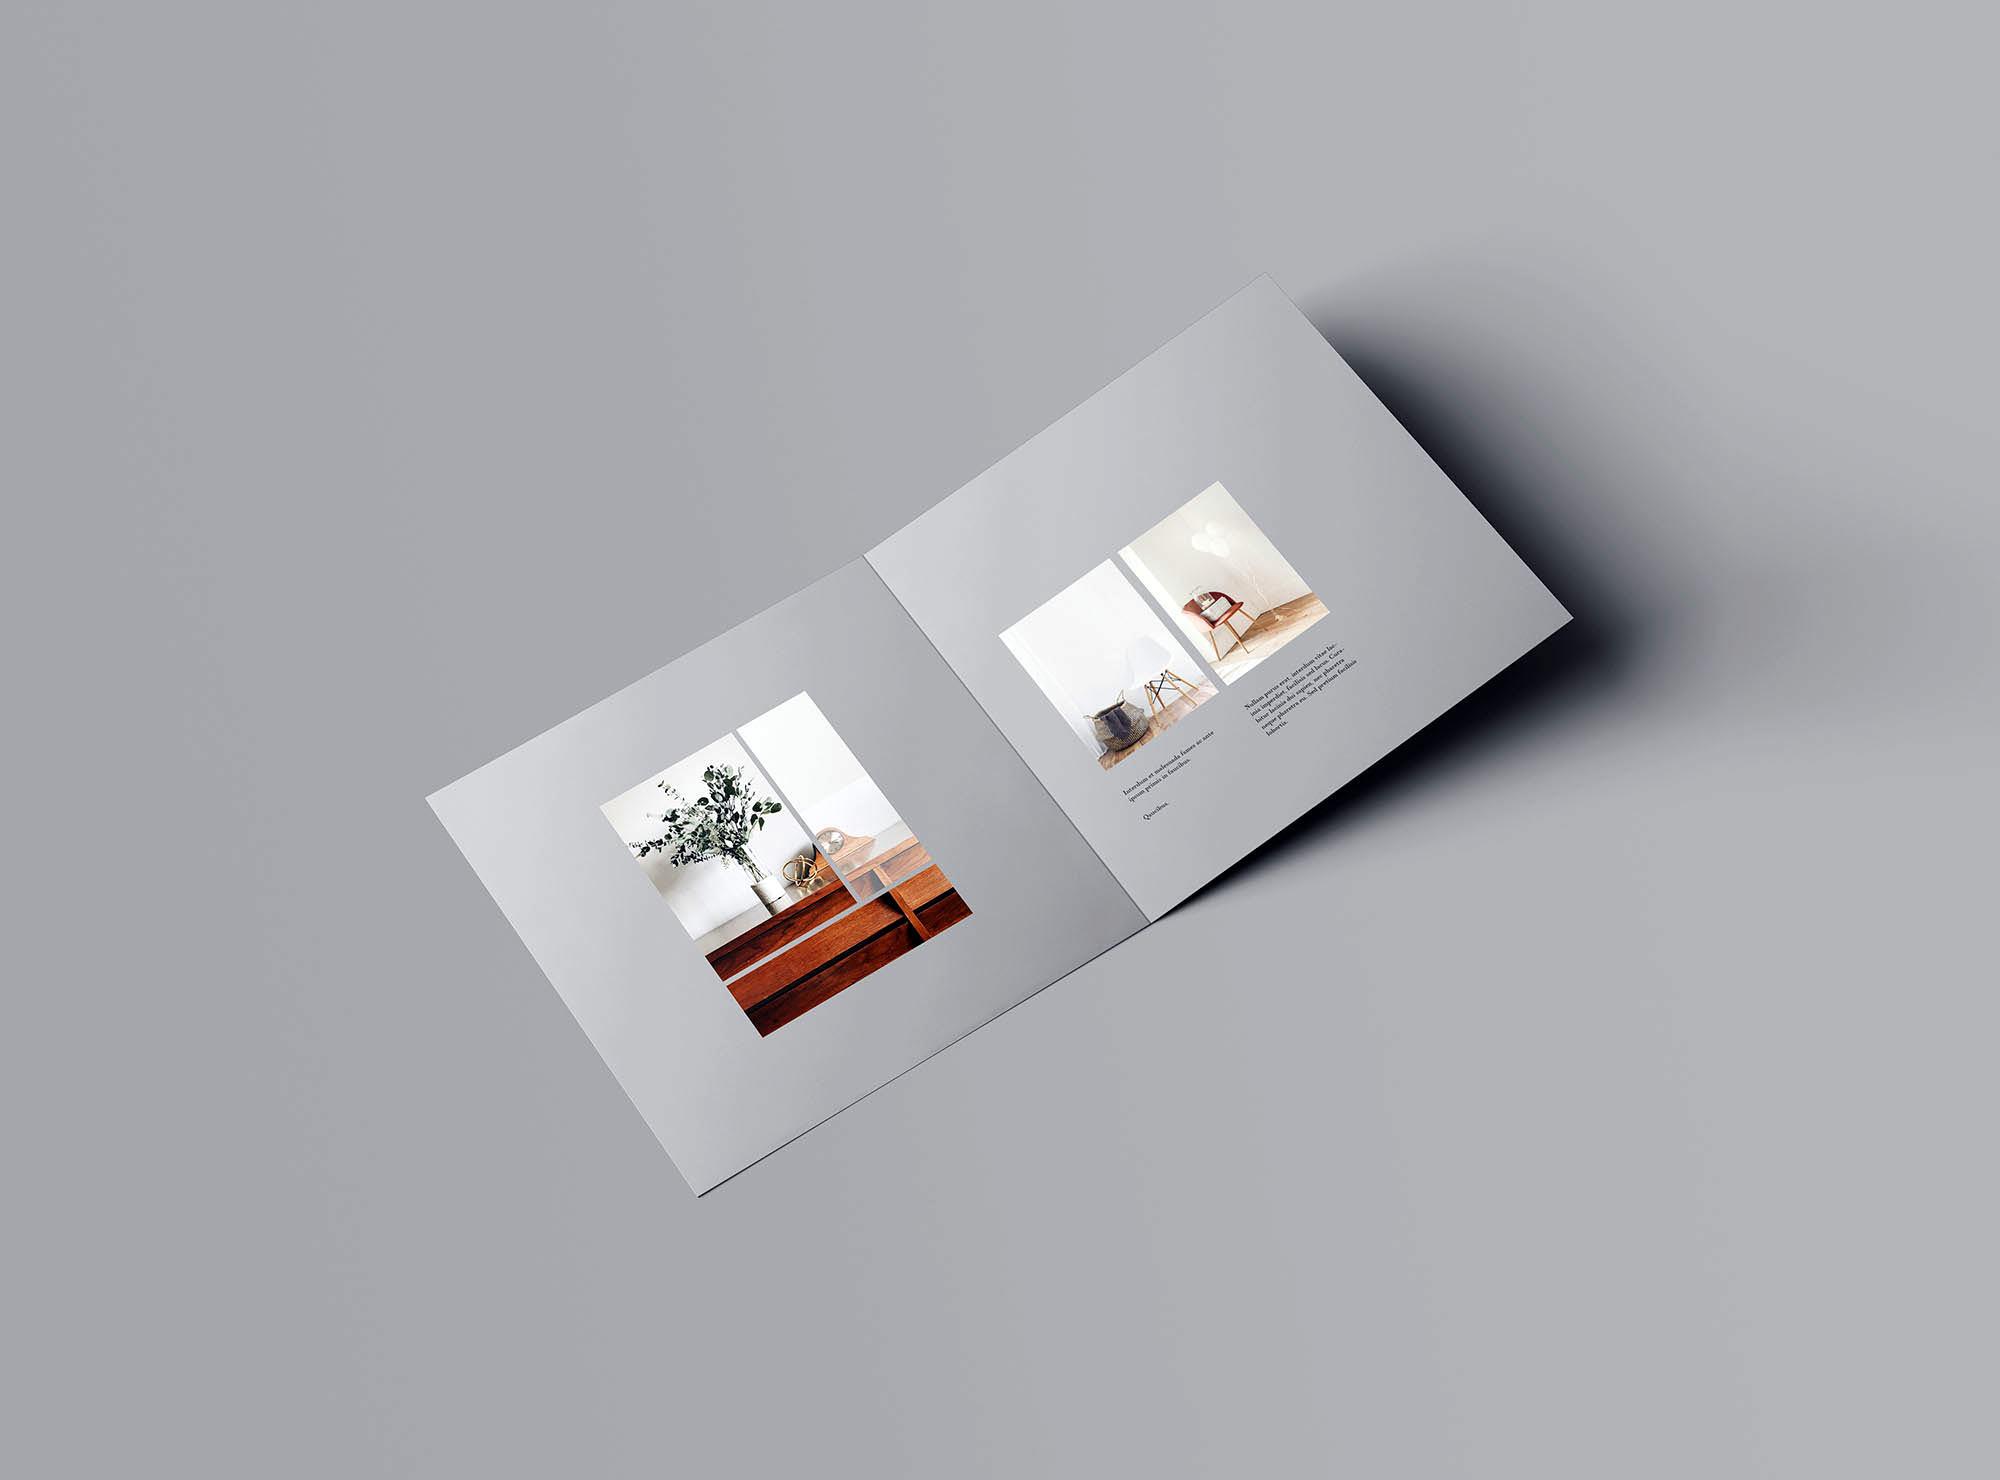 高级方形双折小册子样机PSD模板 Square Bifold Brochure Mockup插图(1)